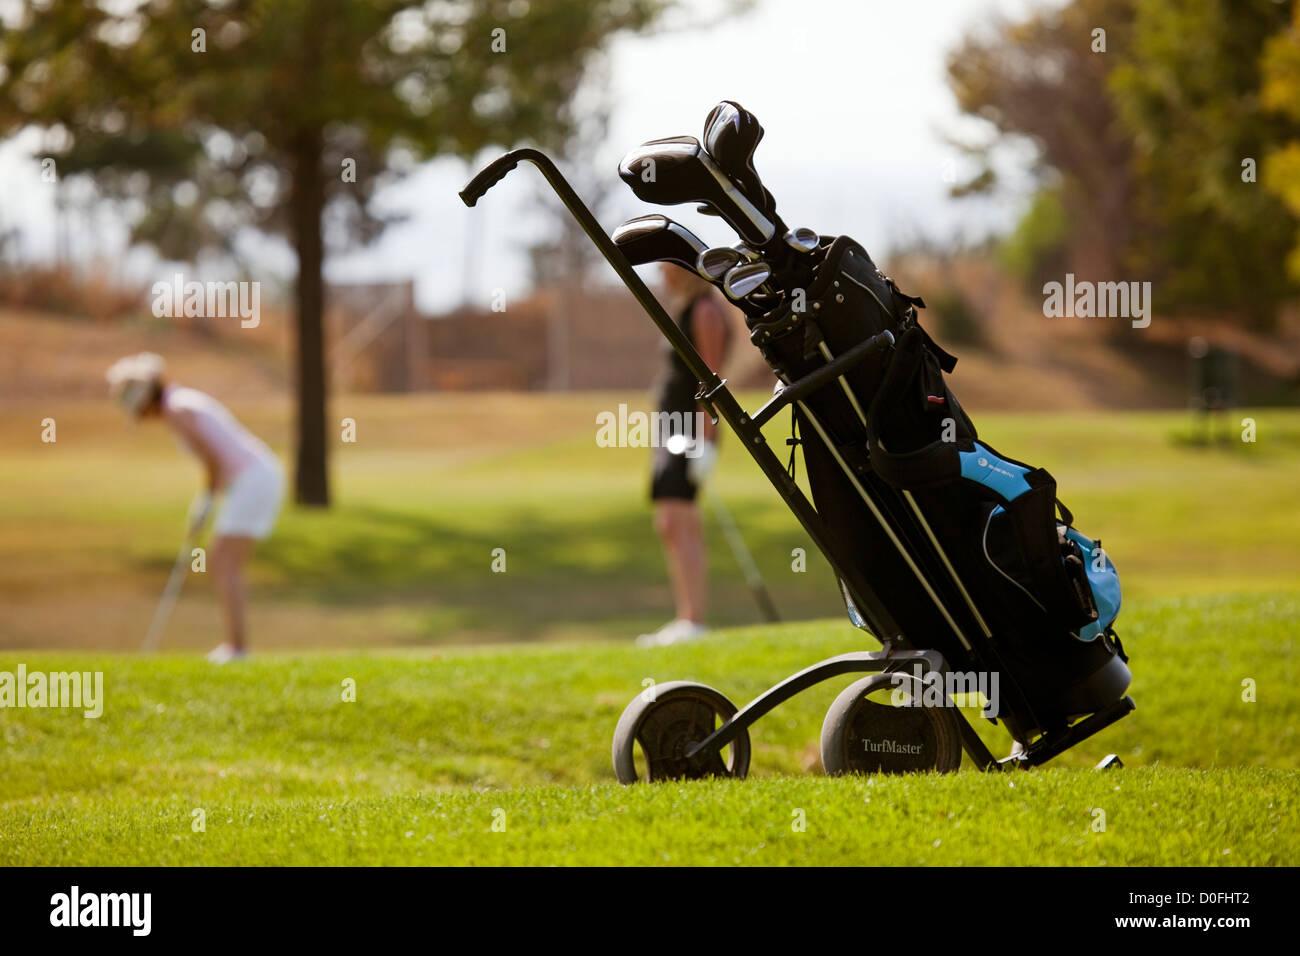 Guadalhorce Golf Course Malaga Andalusia Spain Campo de Golf Guadalhorce Málaga Andalucia España - Stock Image